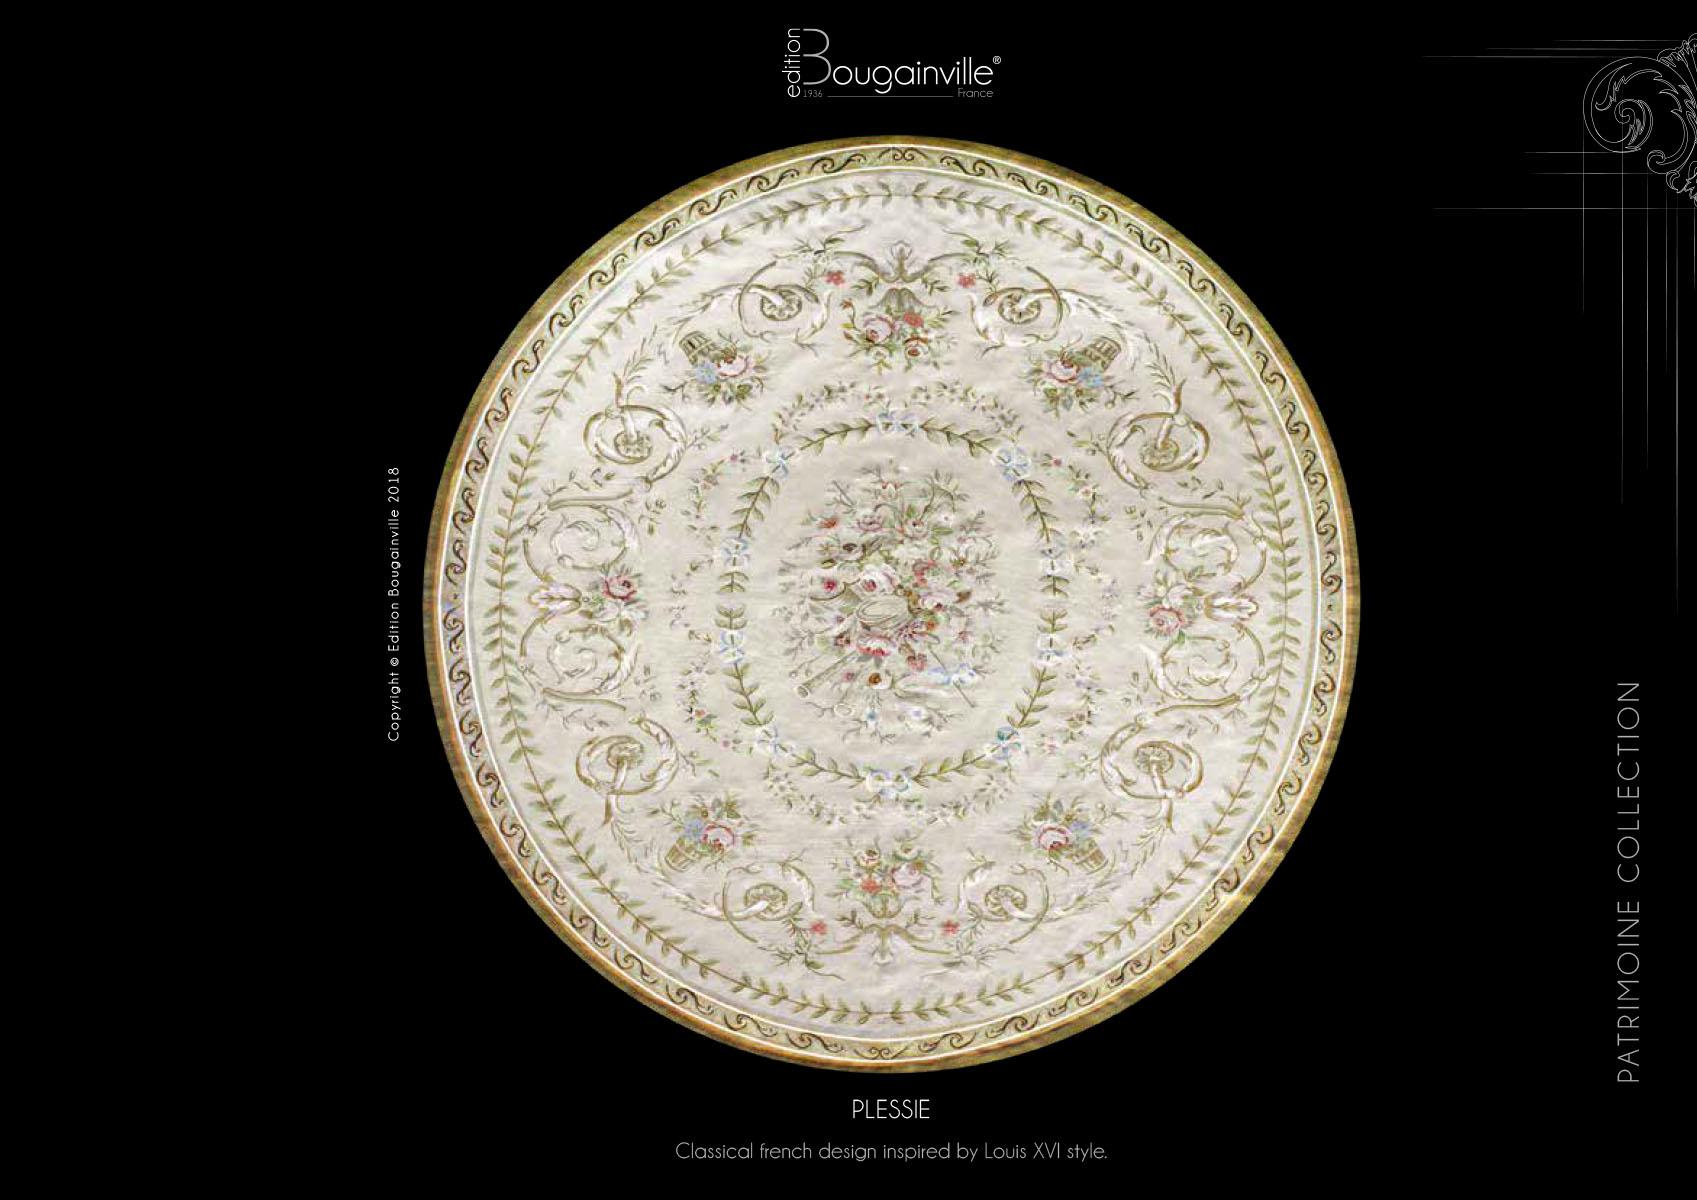 Ковер Edition Bougainville, PLESSIE (2)